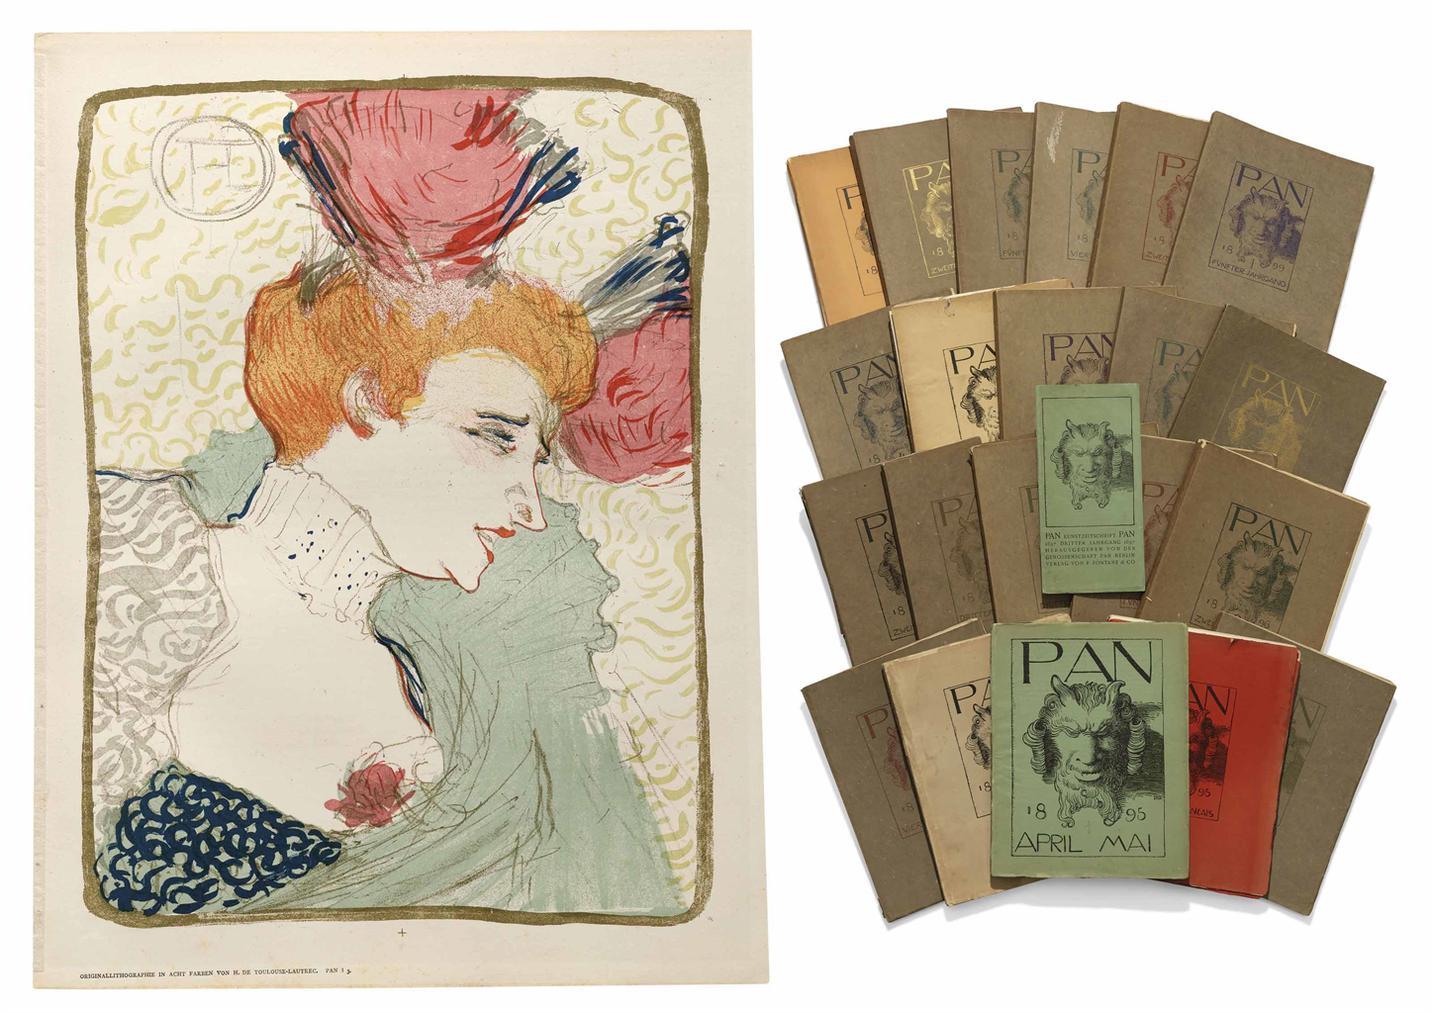 Henri de Toulouse-Lautrec-Mademoiselle Marcelle Lender, En Buste; the complete edition of PAN-1895